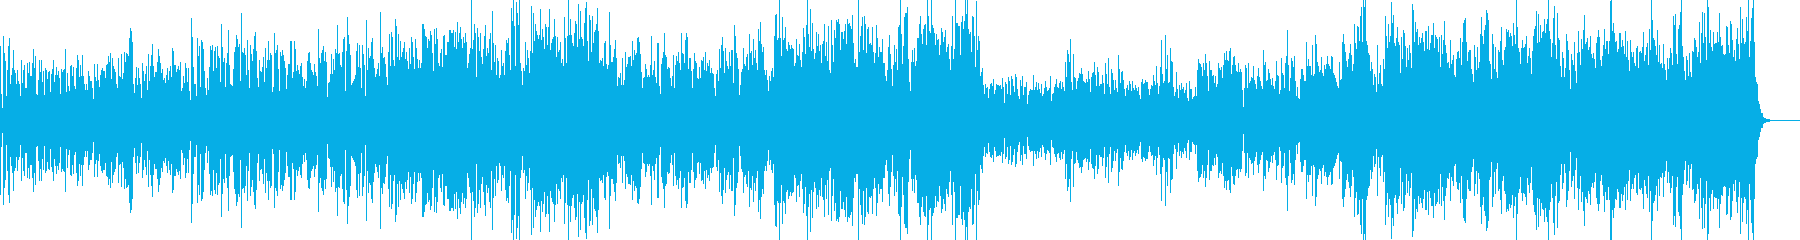 ラテン系男性ボーカルリズミカルなホ...の再生済みの波形